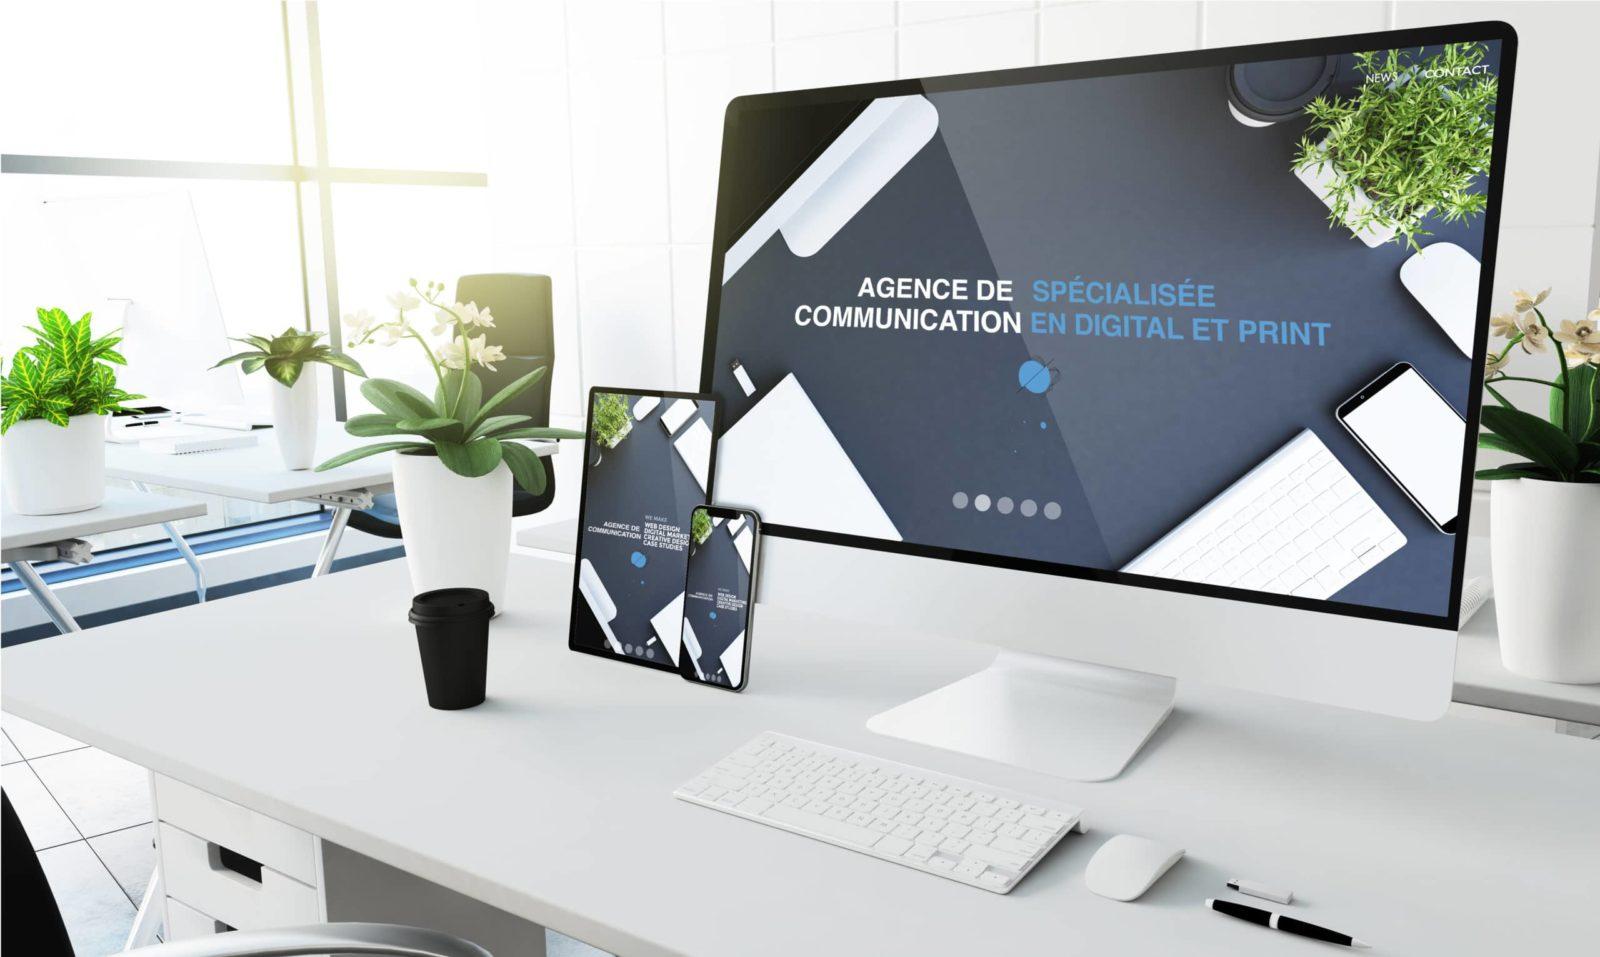 agence de communication médicale & santé création site Internet référencement naturel SEO, gestion des réseaux sociaux